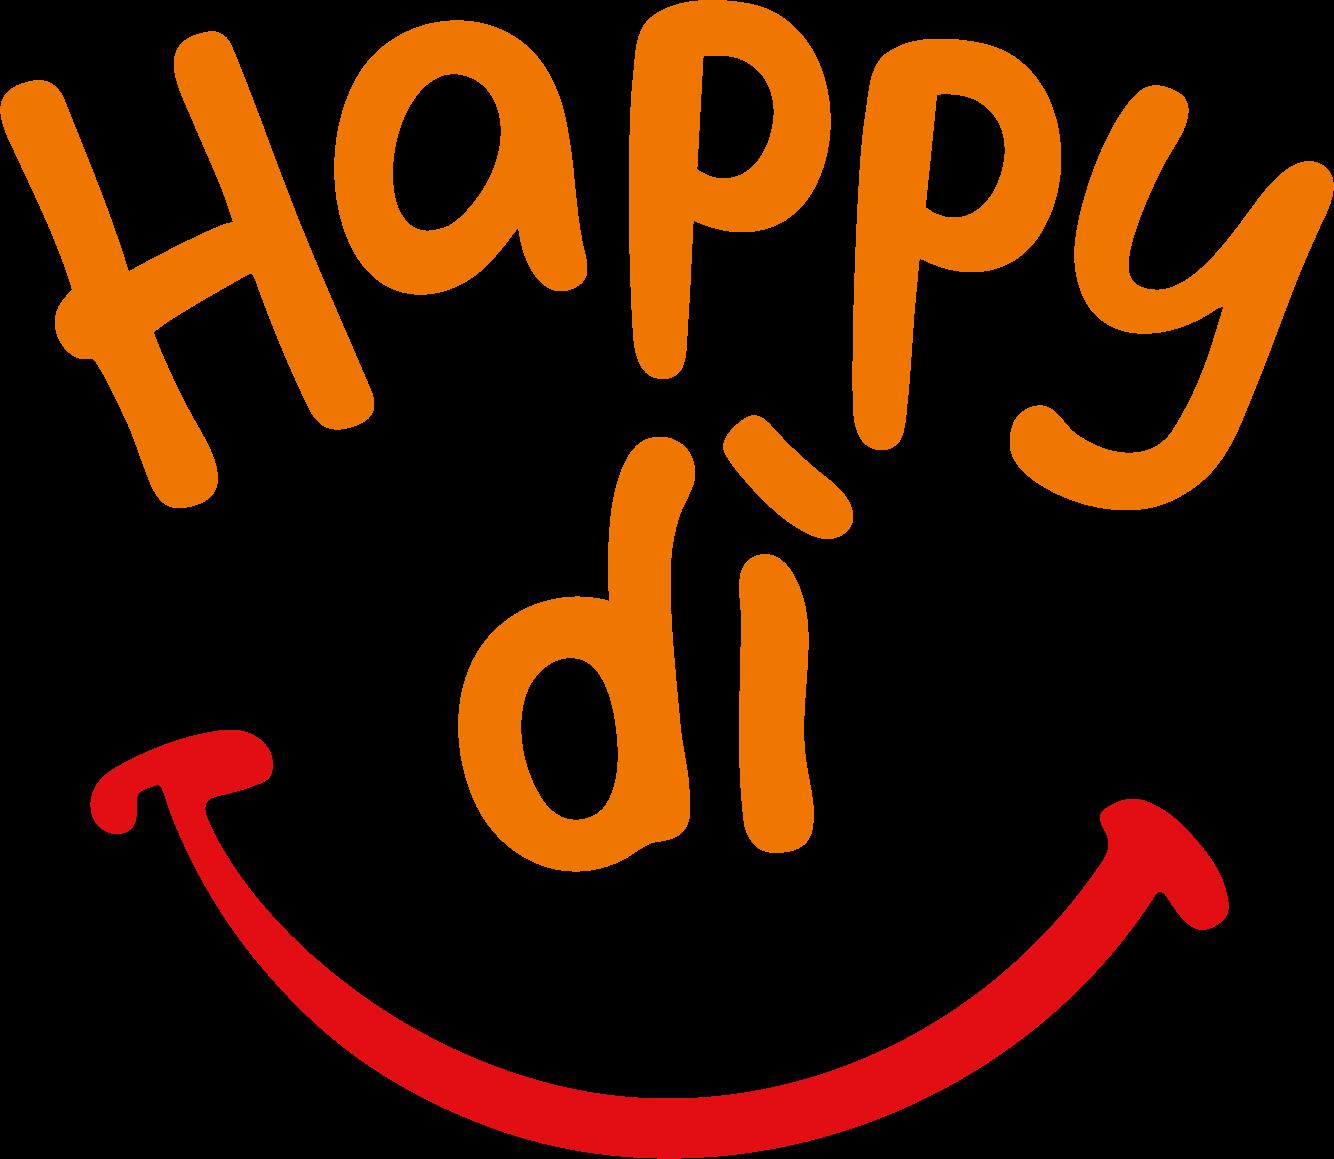 Happy Di